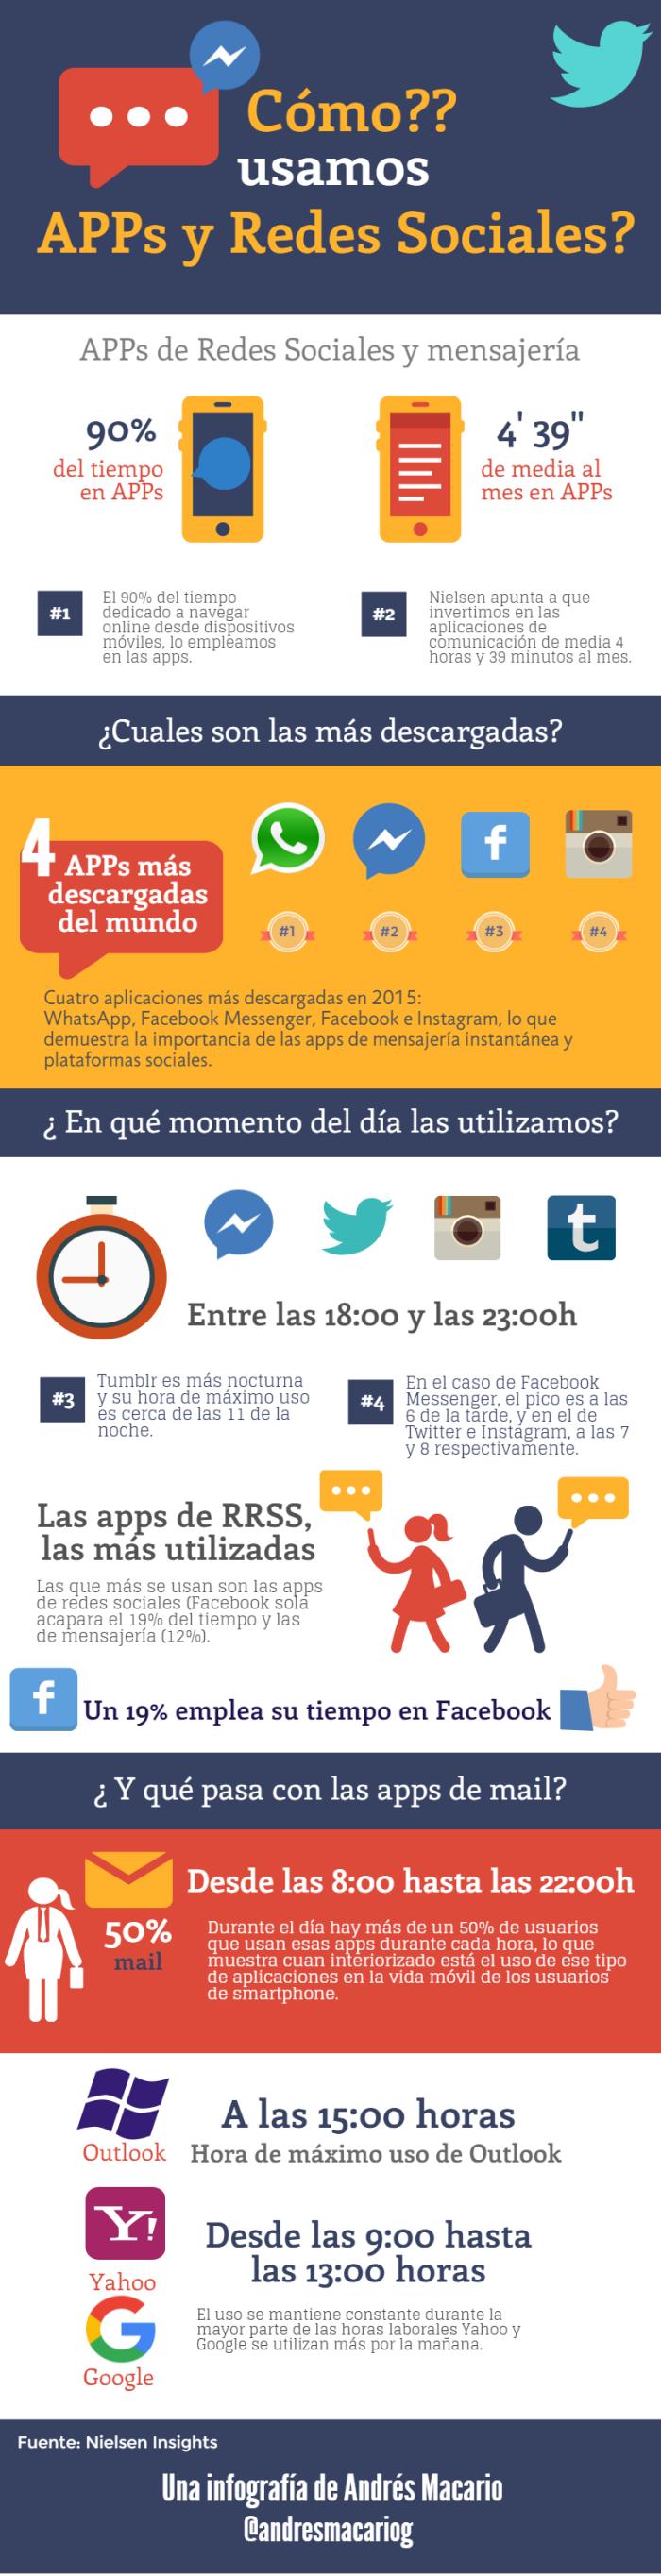 Como usamos Apps y RRSS - Infografia Andres Macario